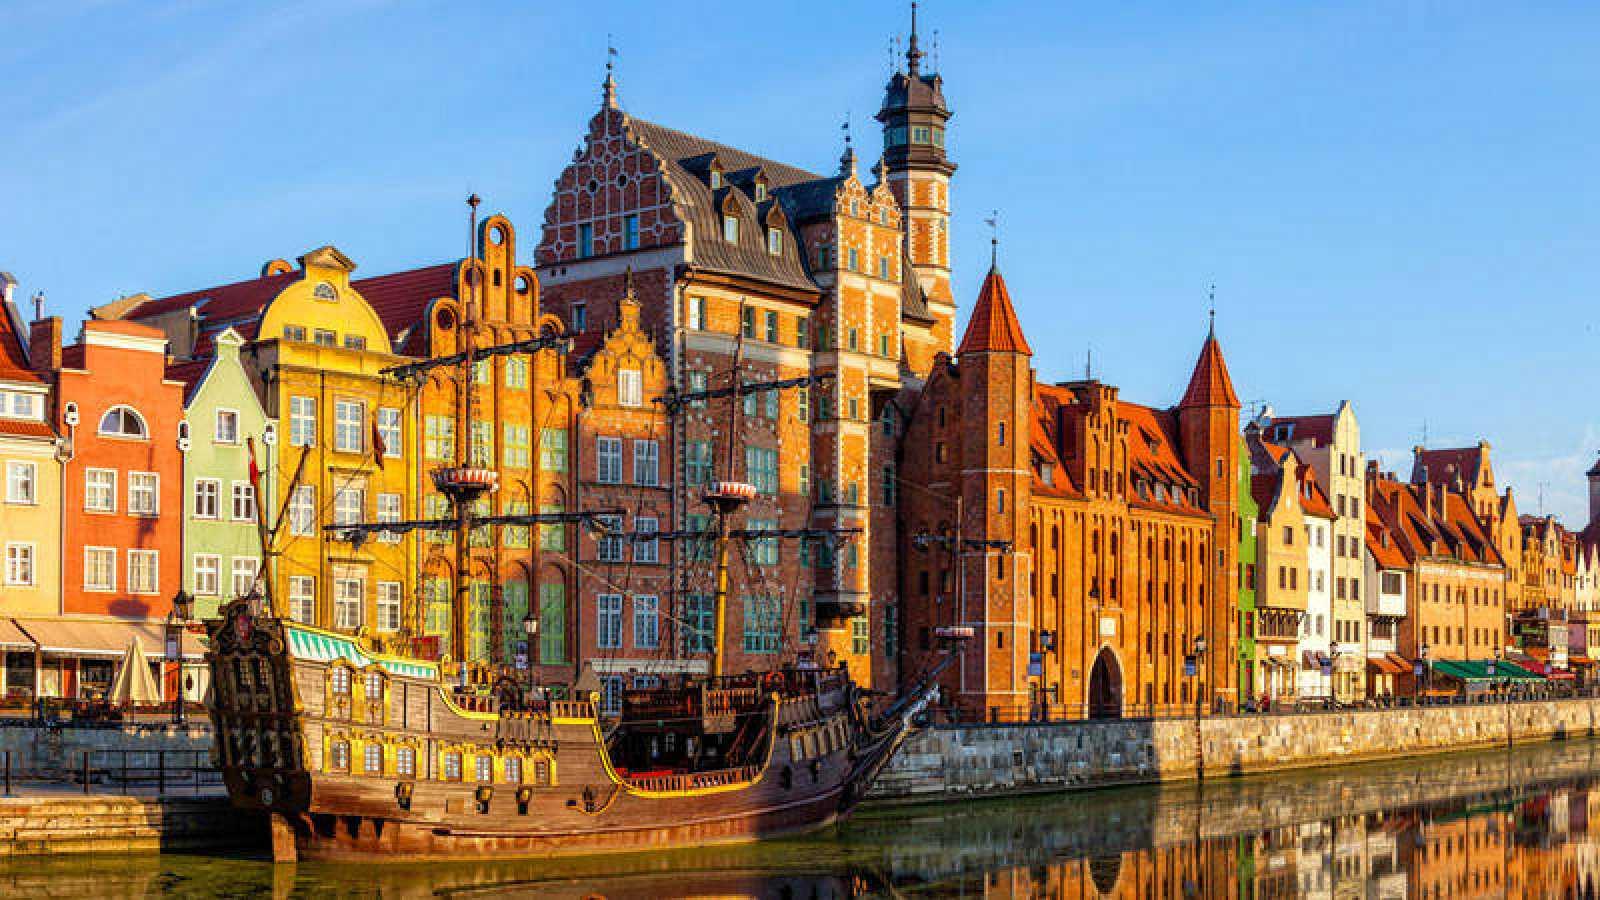 Considerada una ciudad abierta y generosa, Gdansk ha destacado, desde el restablecimiento de la democracia en Polonia hace treinta años, por su dinamismo económico, apertura, cohesión ciudadana y carácter tolerante